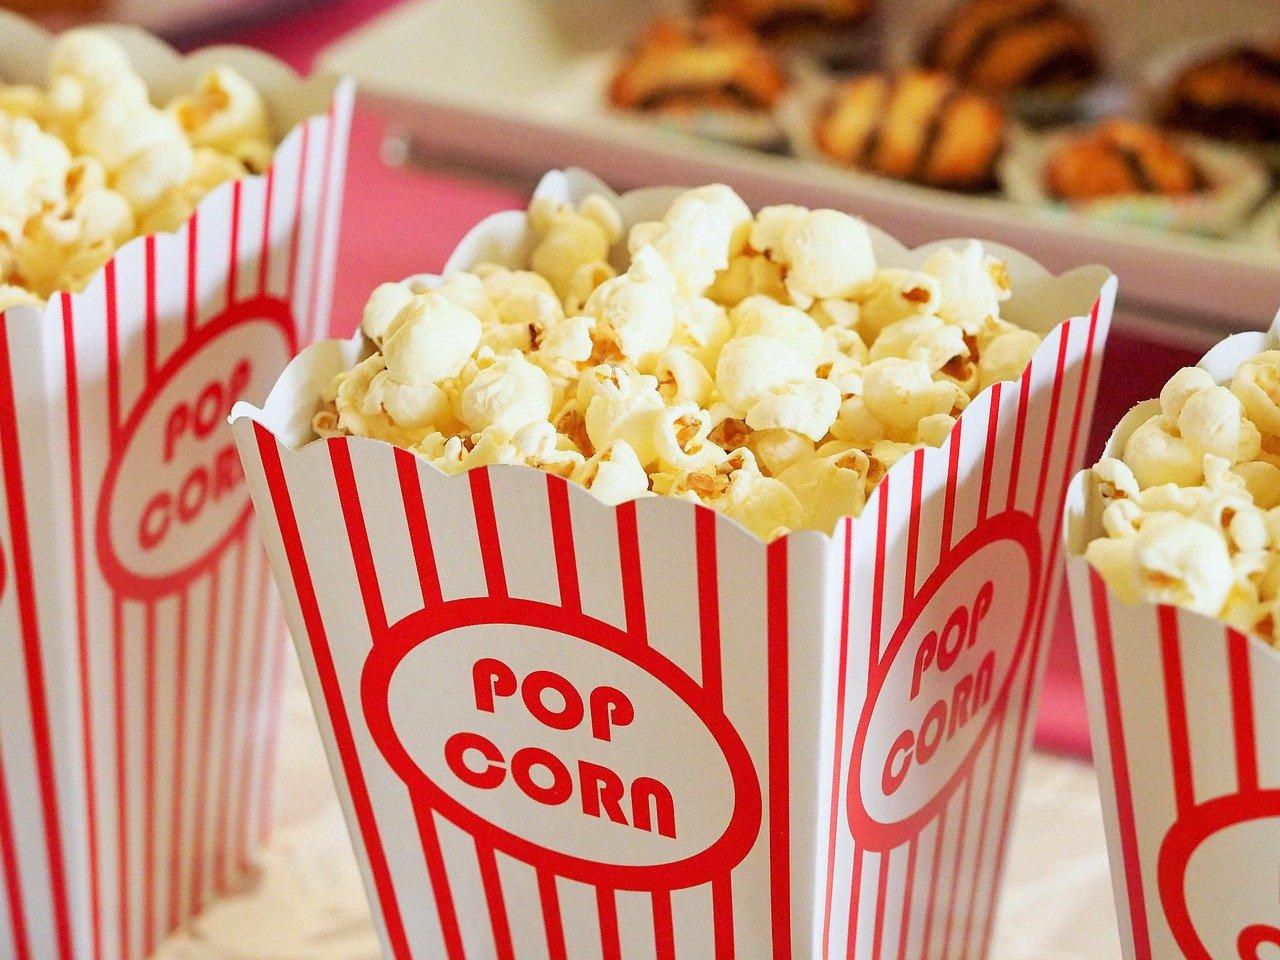 Wytyczne dla kin i teatrów w czasie pandemii - Zdjęcie główne